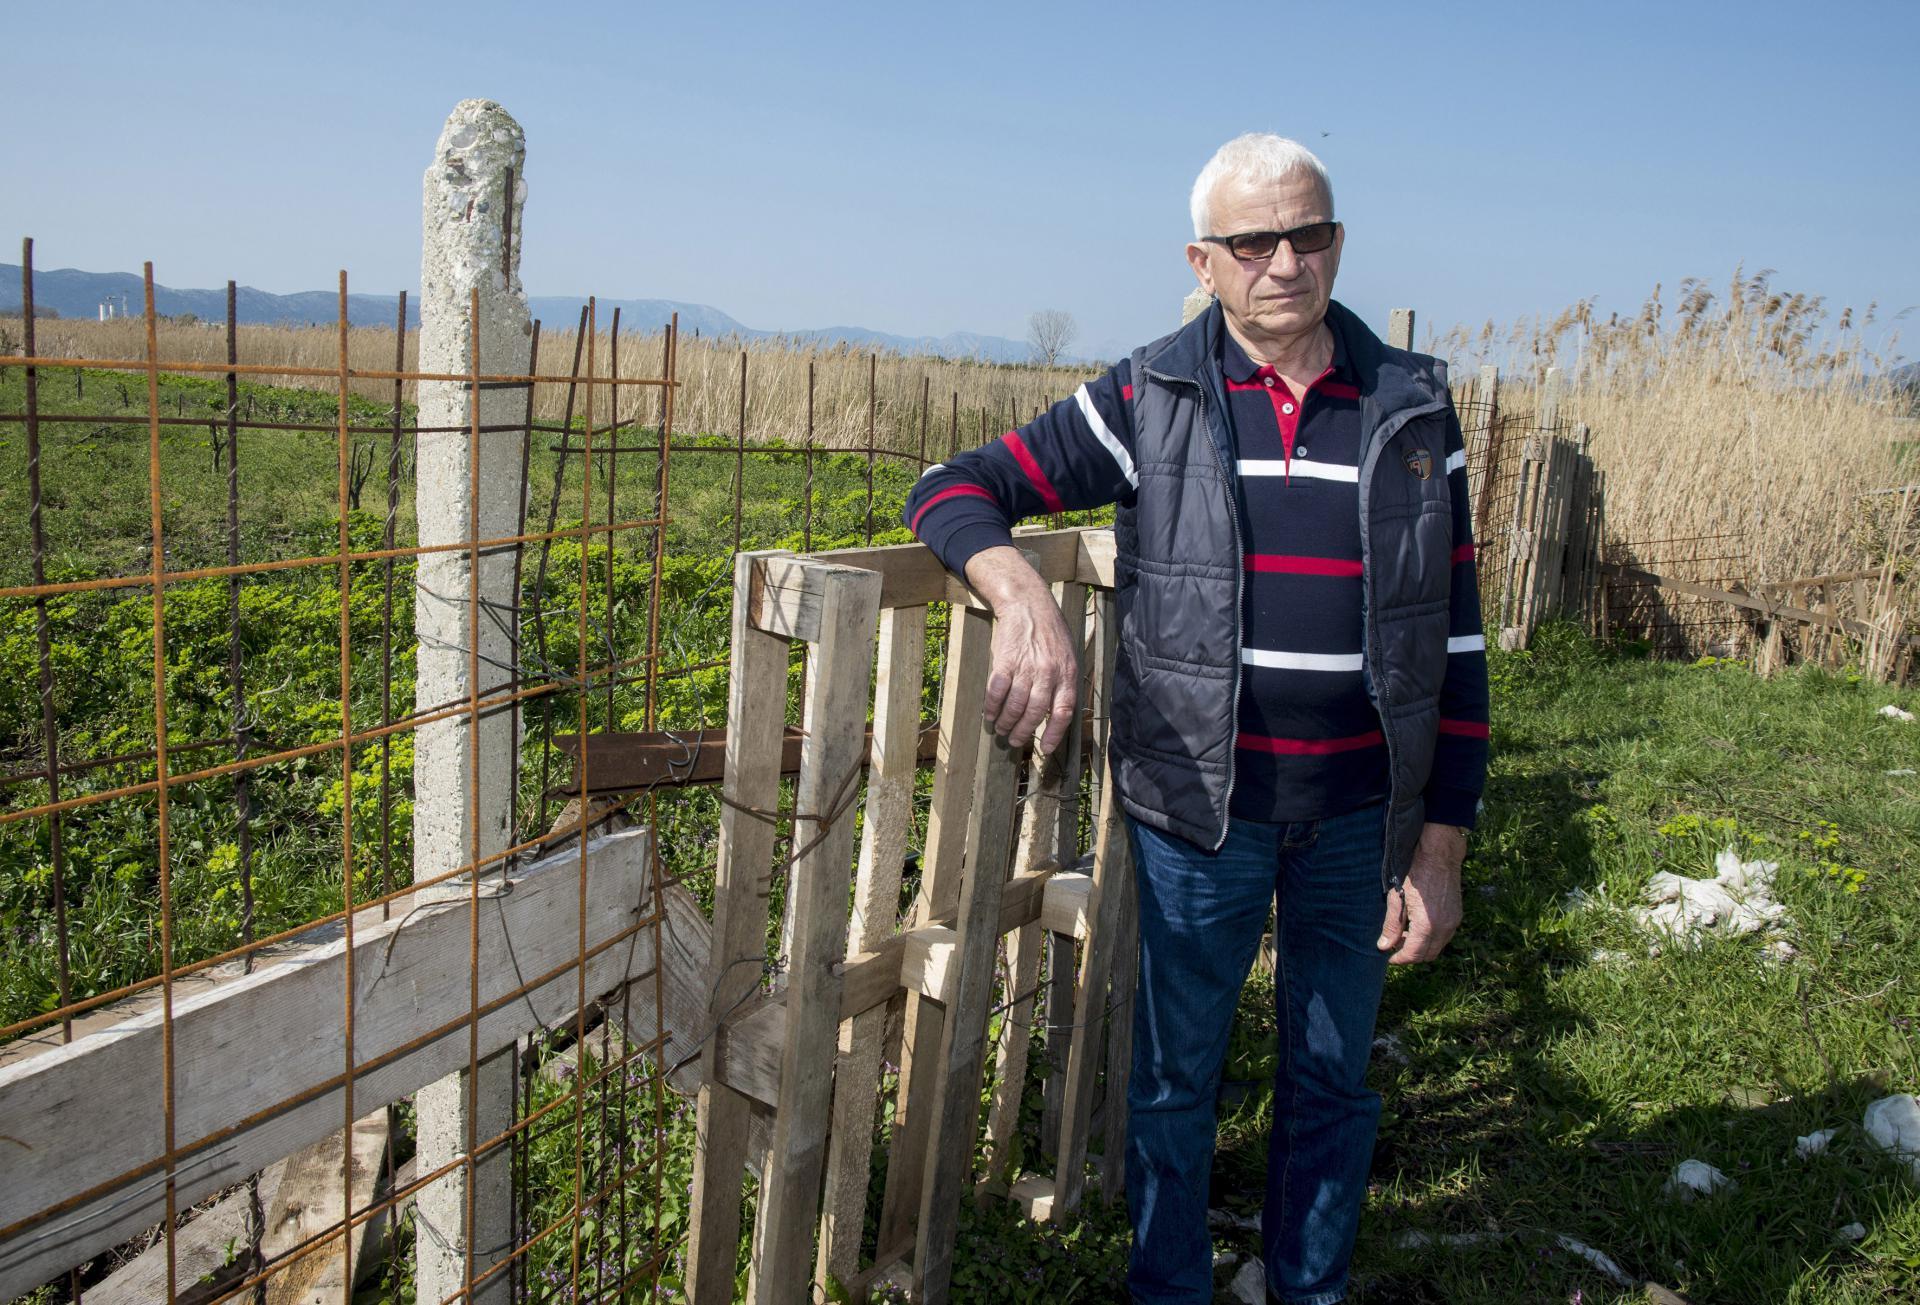 Ante Šunjic Tarzo na svojoj plantaži mandarina koju su uništile krave